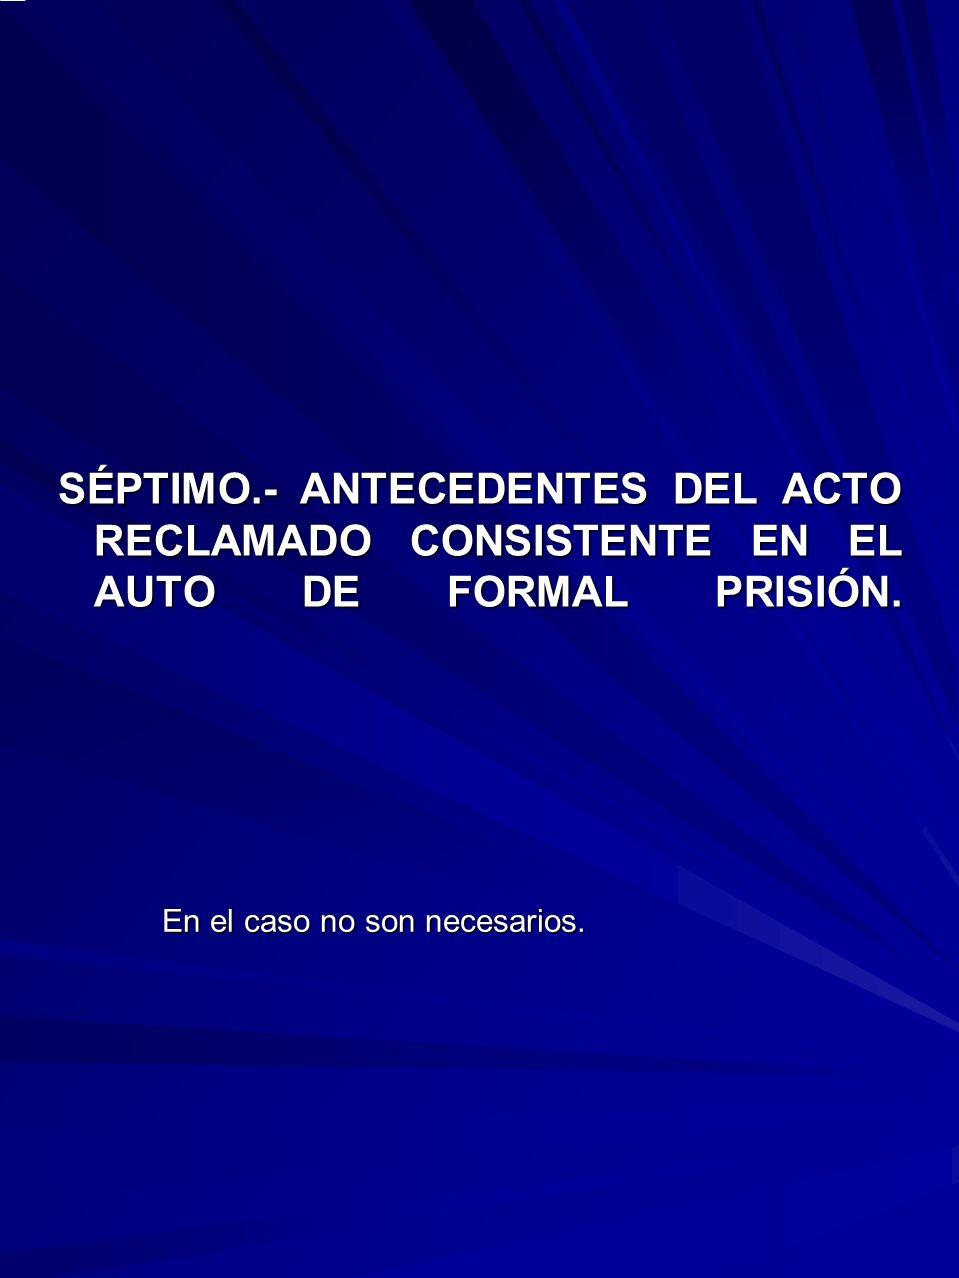 SÉPTIMO.- ANTECEDENTES DEL ACTO RECLAMADO CONSISTENTE EN EL AUTO DE FORMAL PRISIÓN. En el caso no son necesarios.